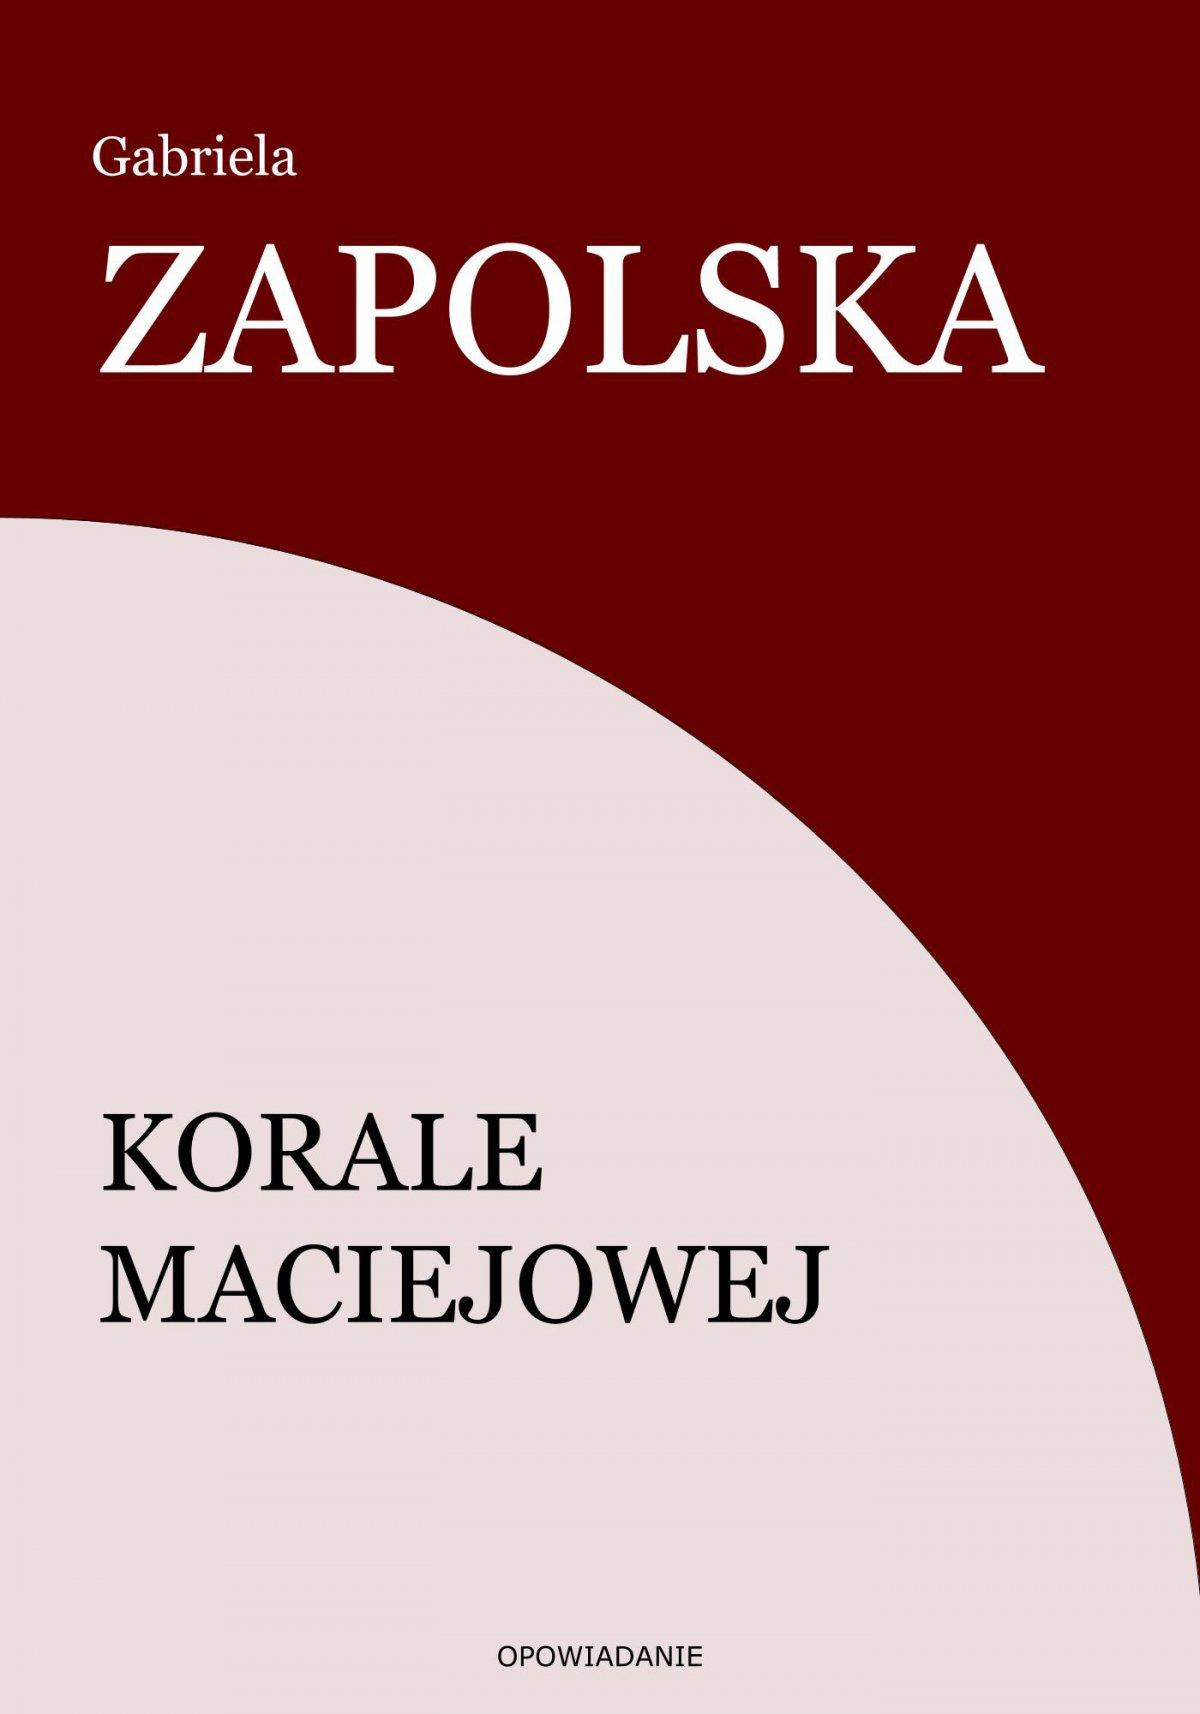 Korale Maciejowej - Ebook (Książka EPUB) do pobrania w formacie EPUB